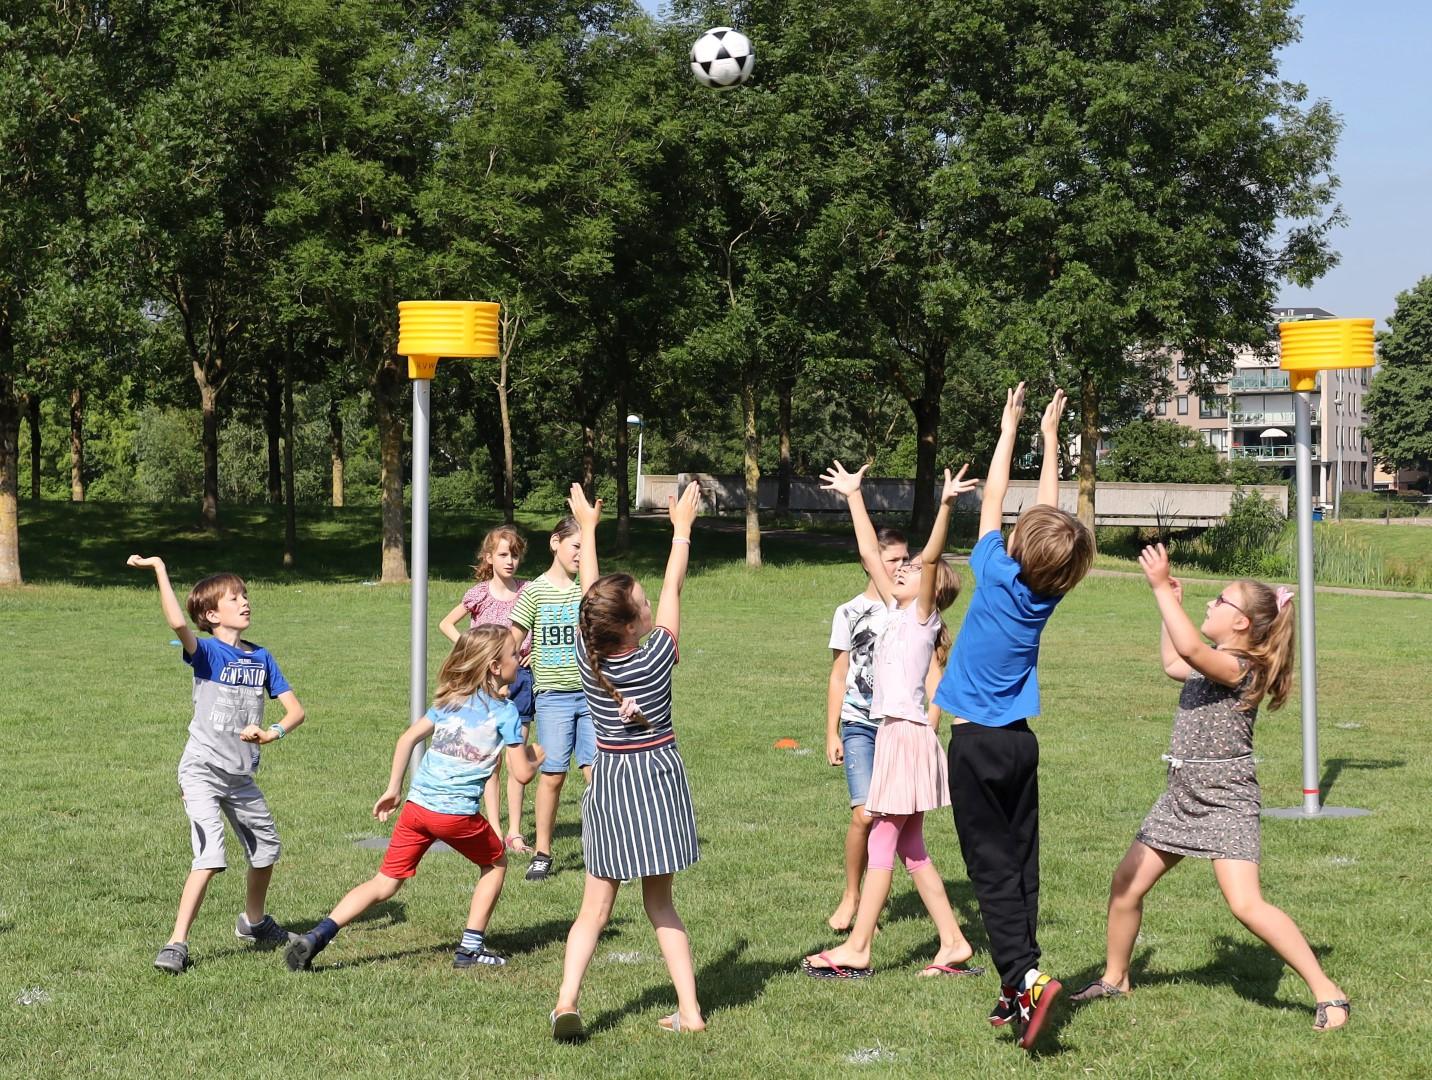 Een sociaal veilige sportomgeving bij je vereniging